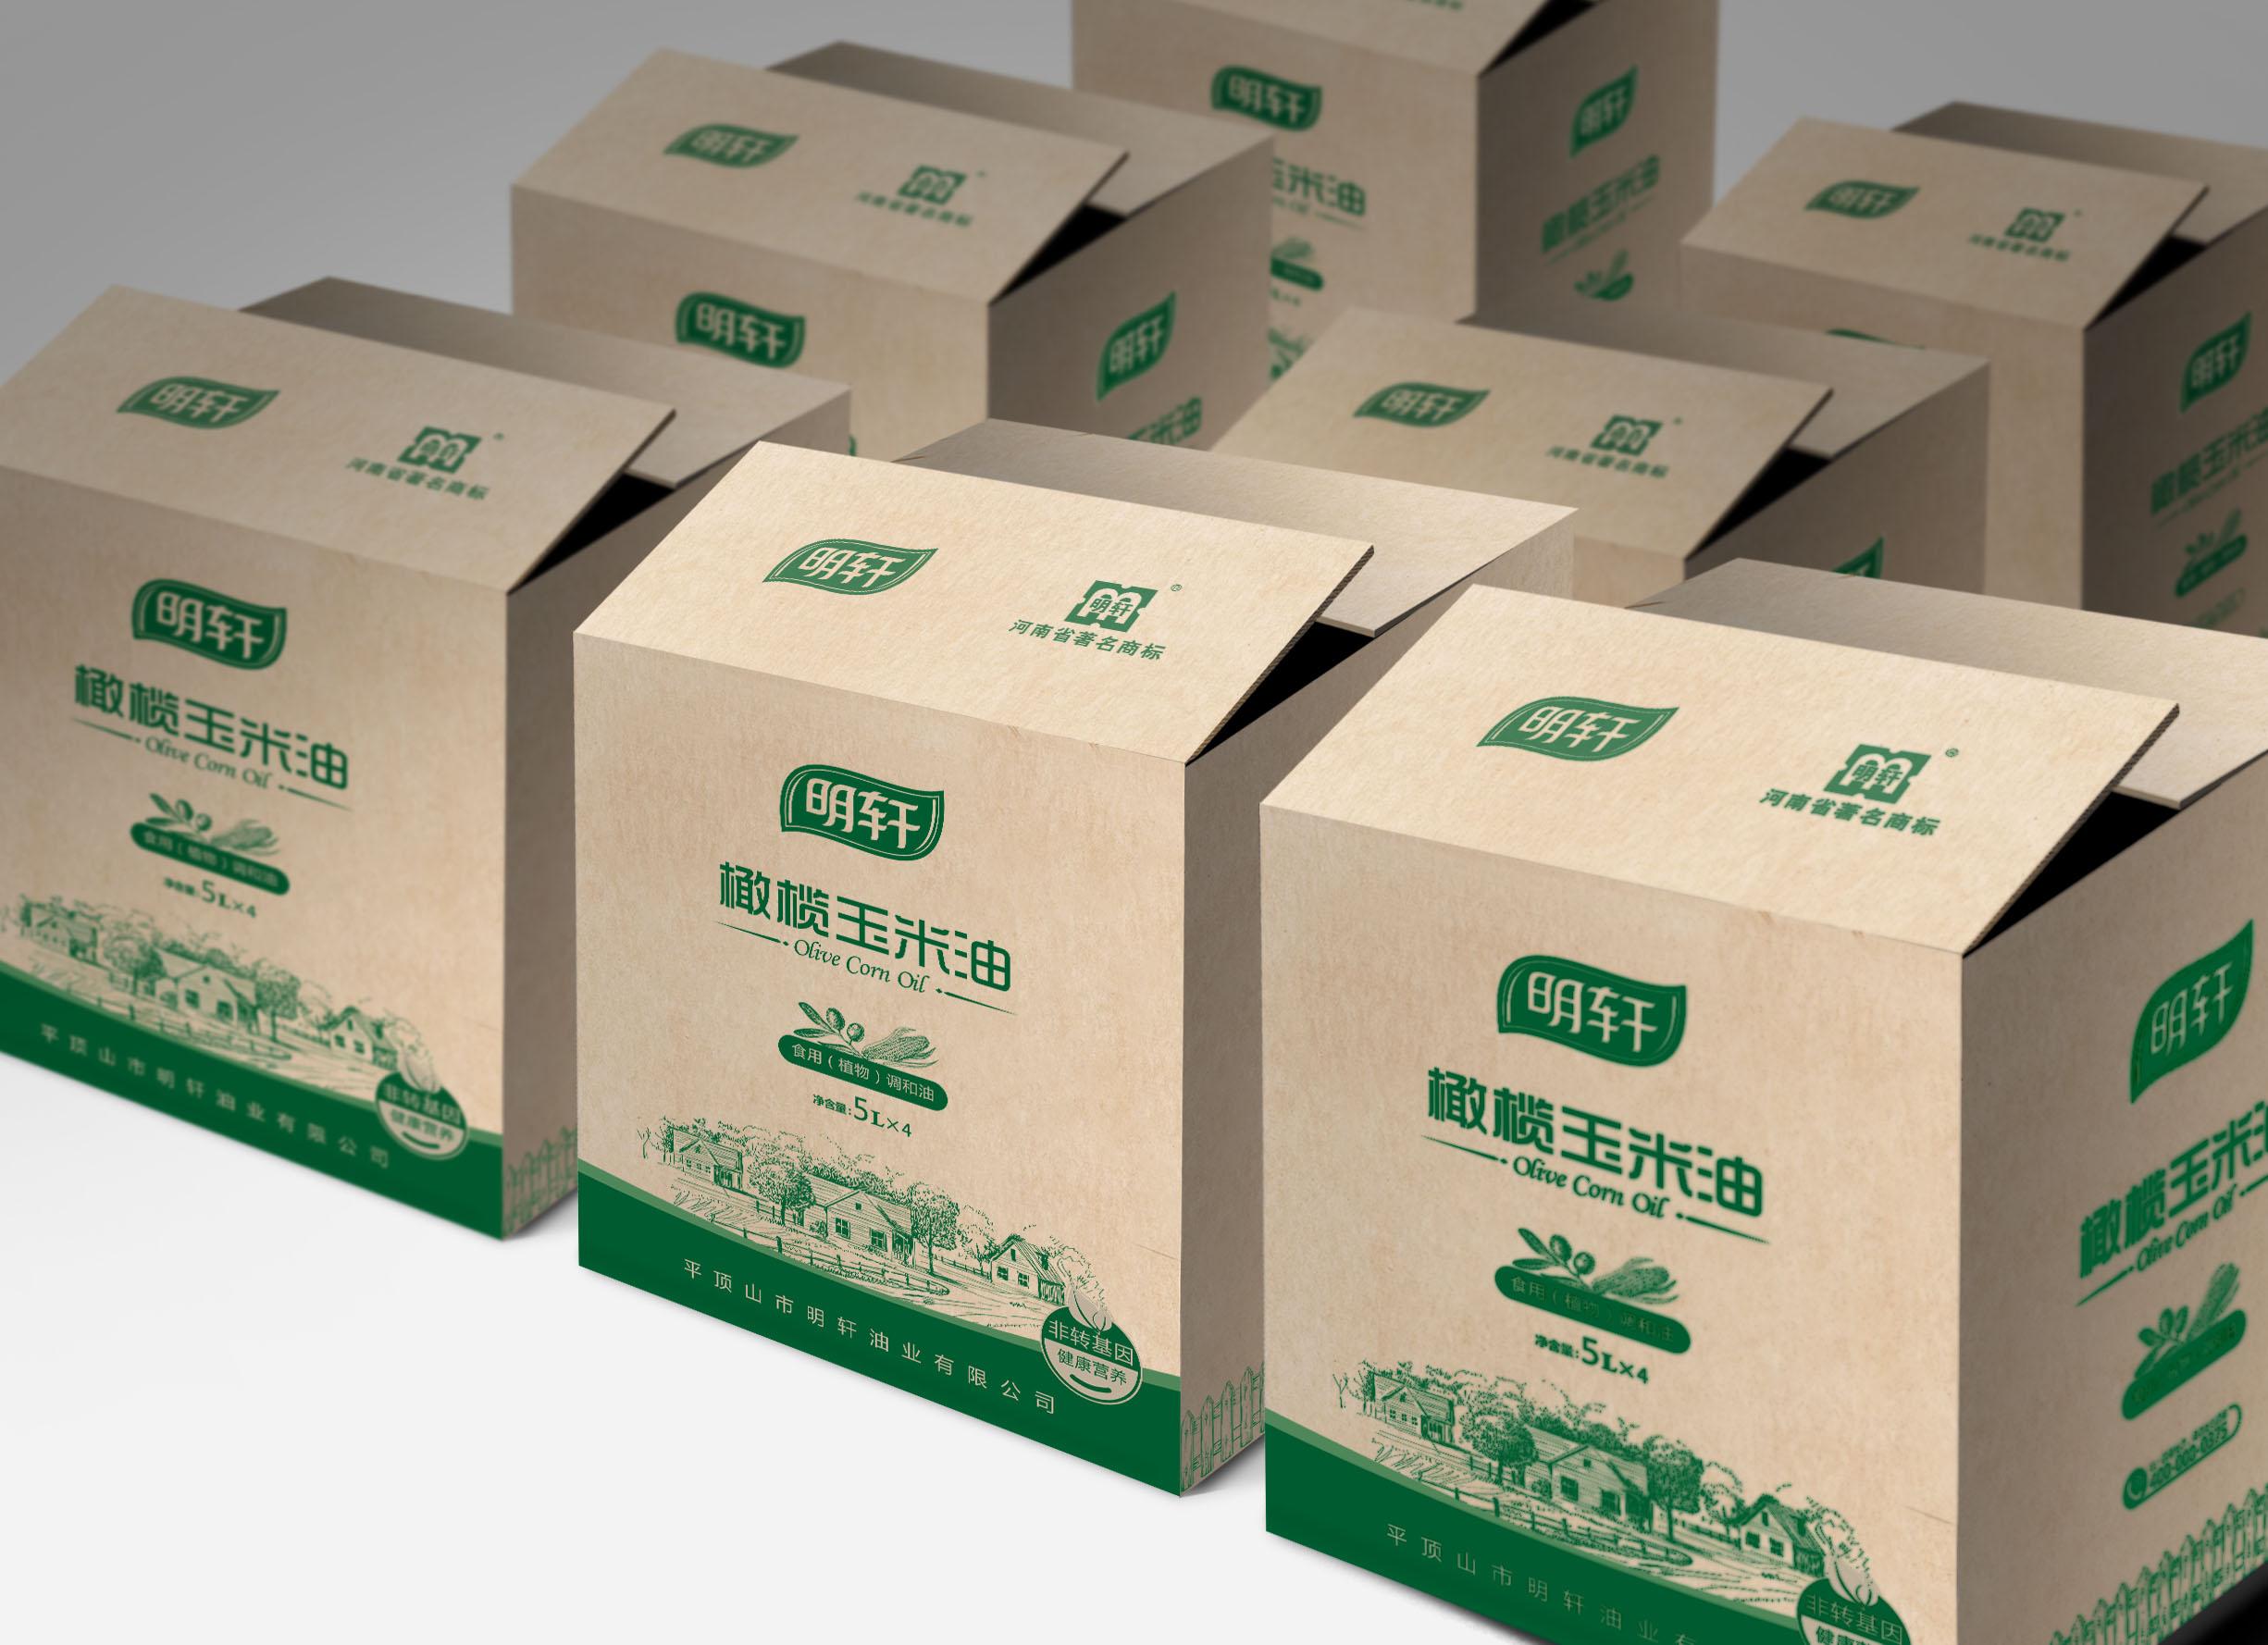 明轩油脂包装箱效果图1